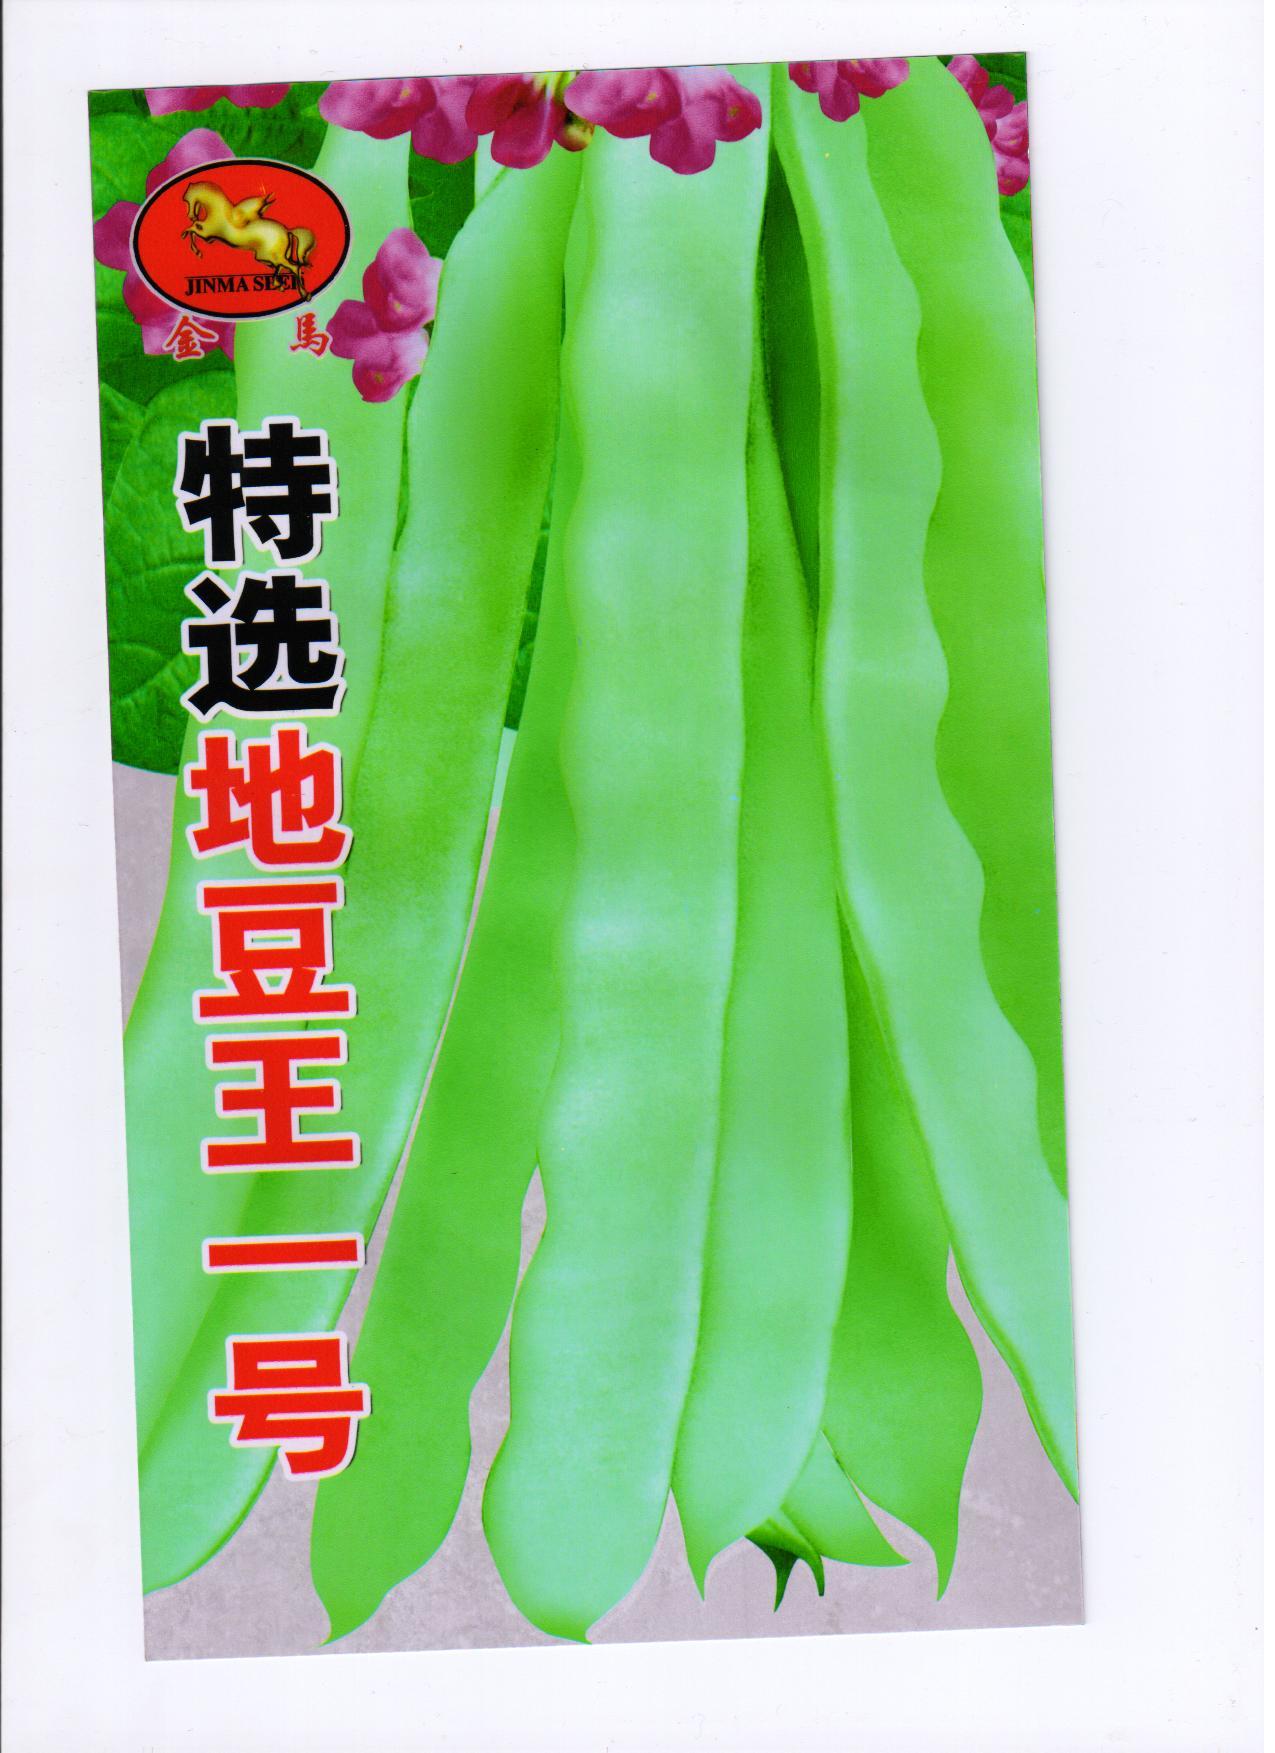 豆角种子茴香种子金马牌优质高产